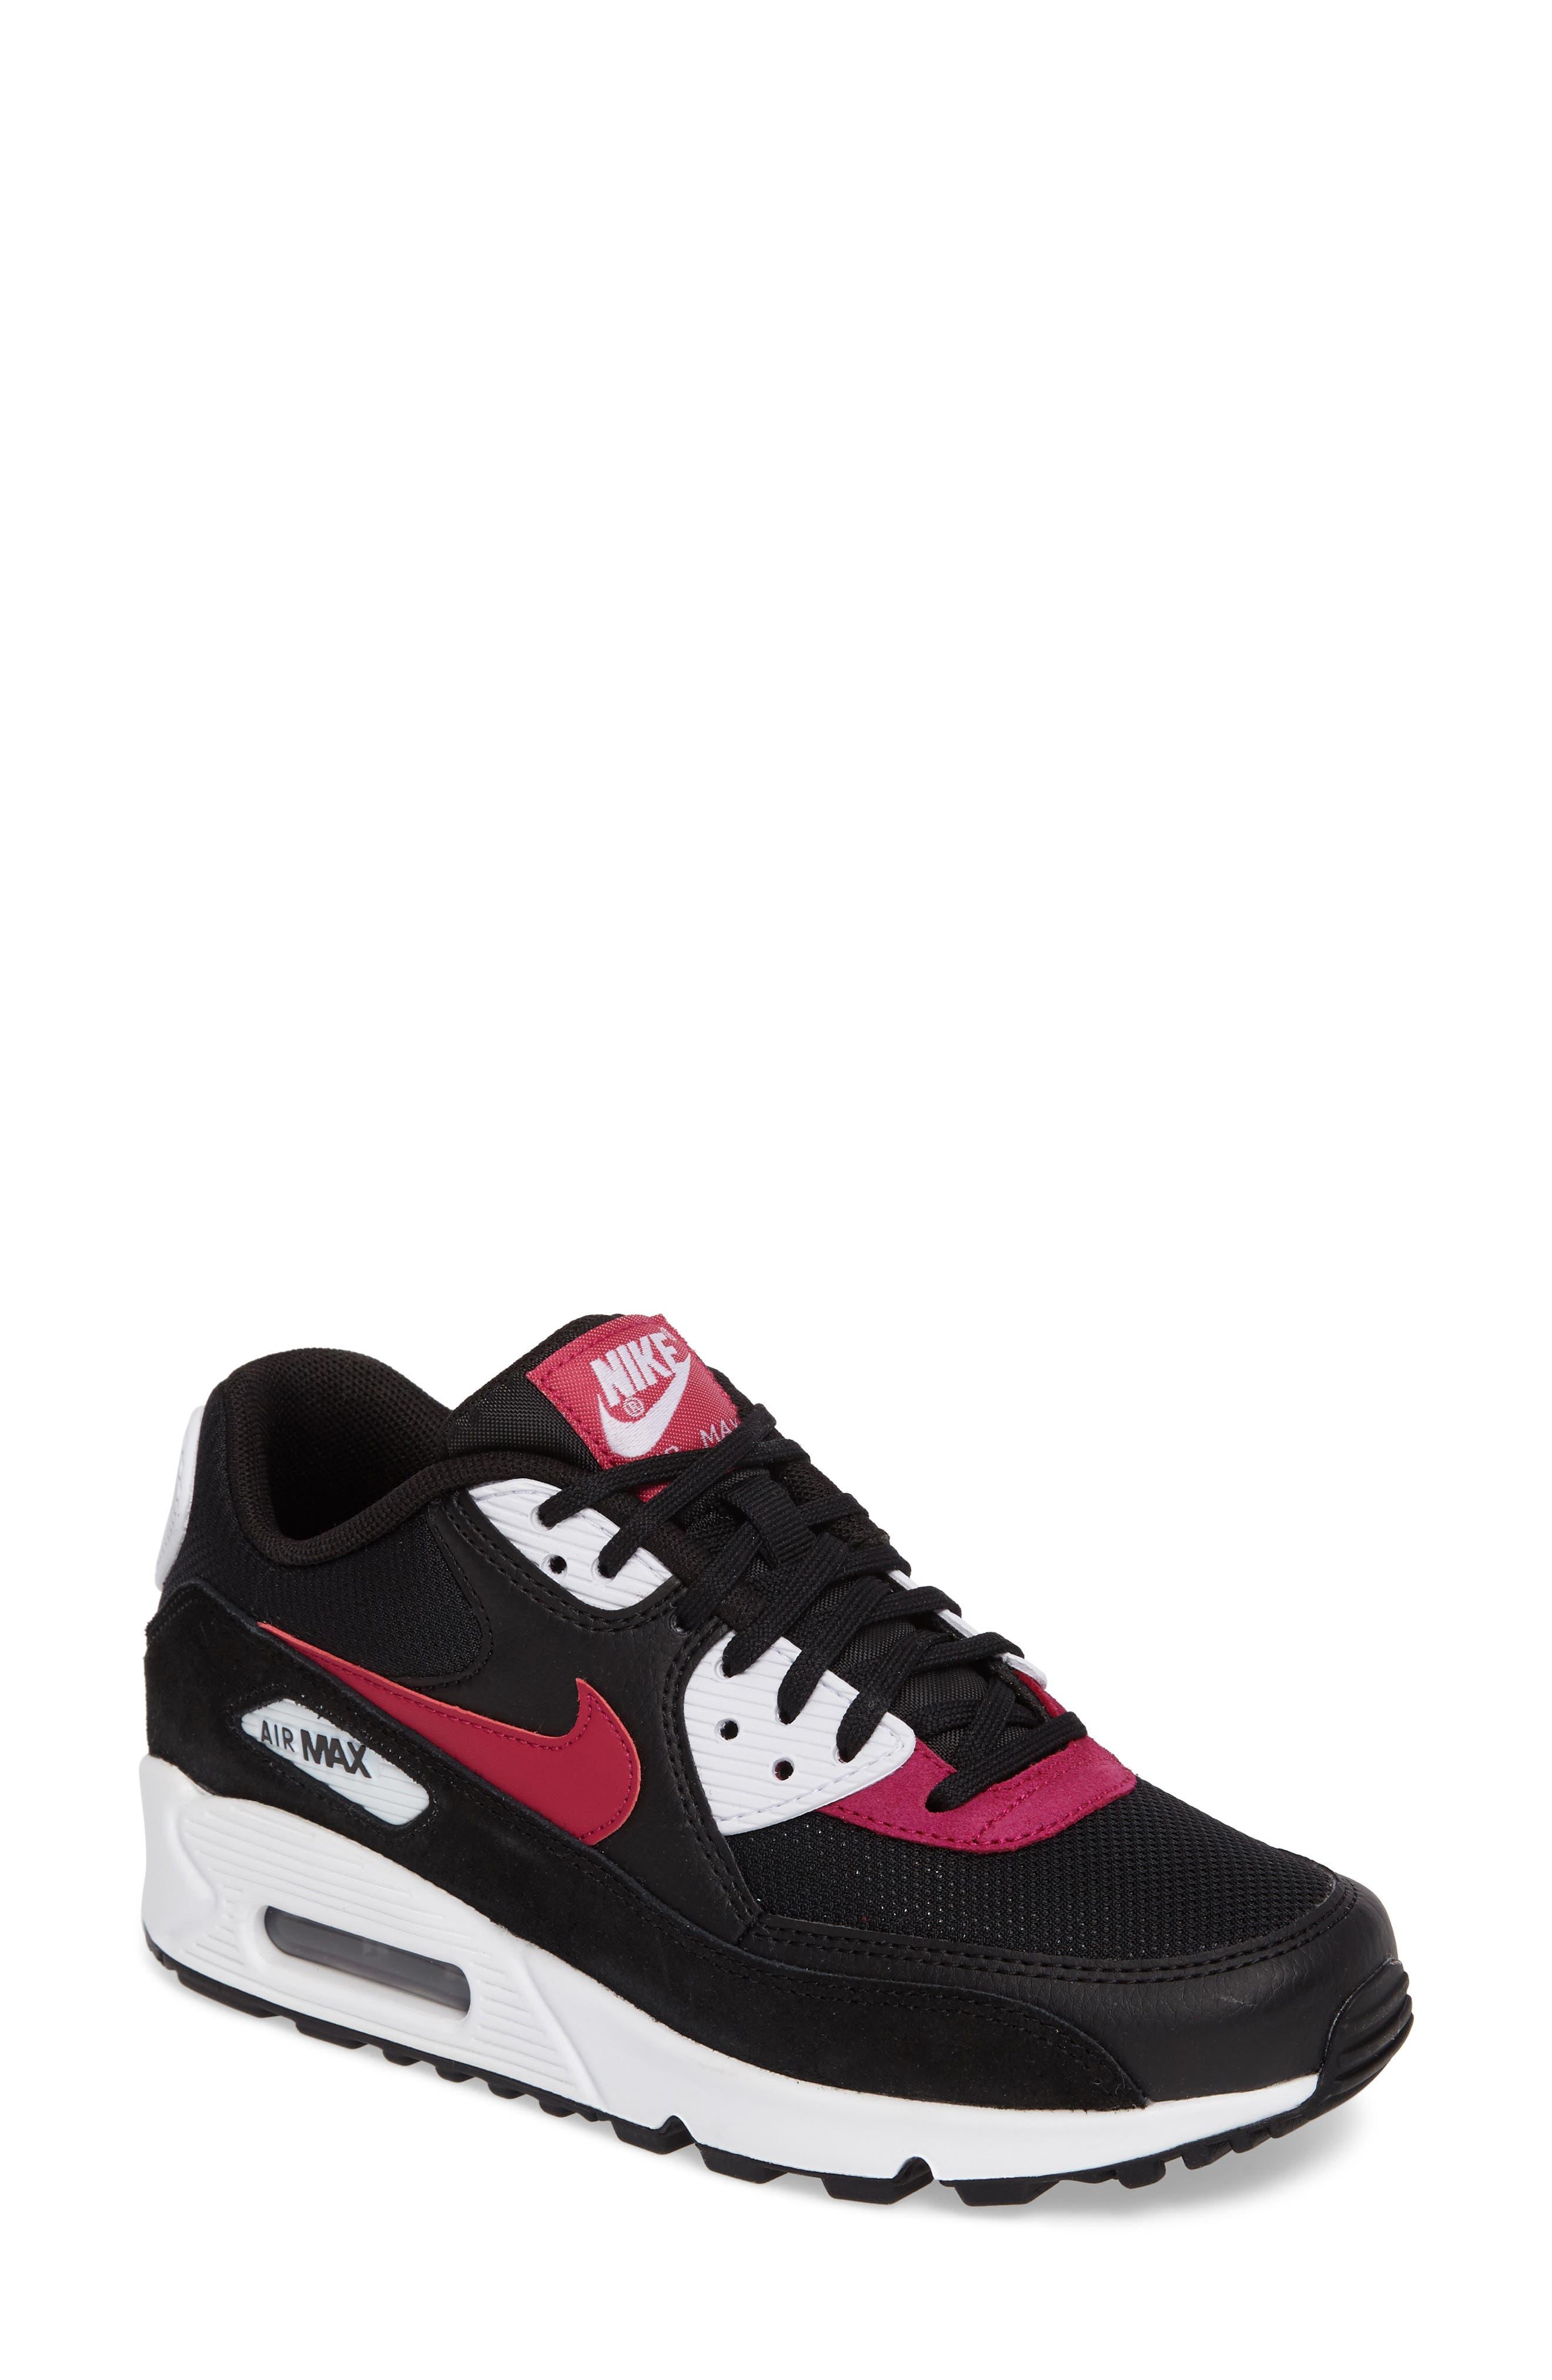 Alternate Image 1 Selected - Nike 'Air Max 90' Sneaker (Women)